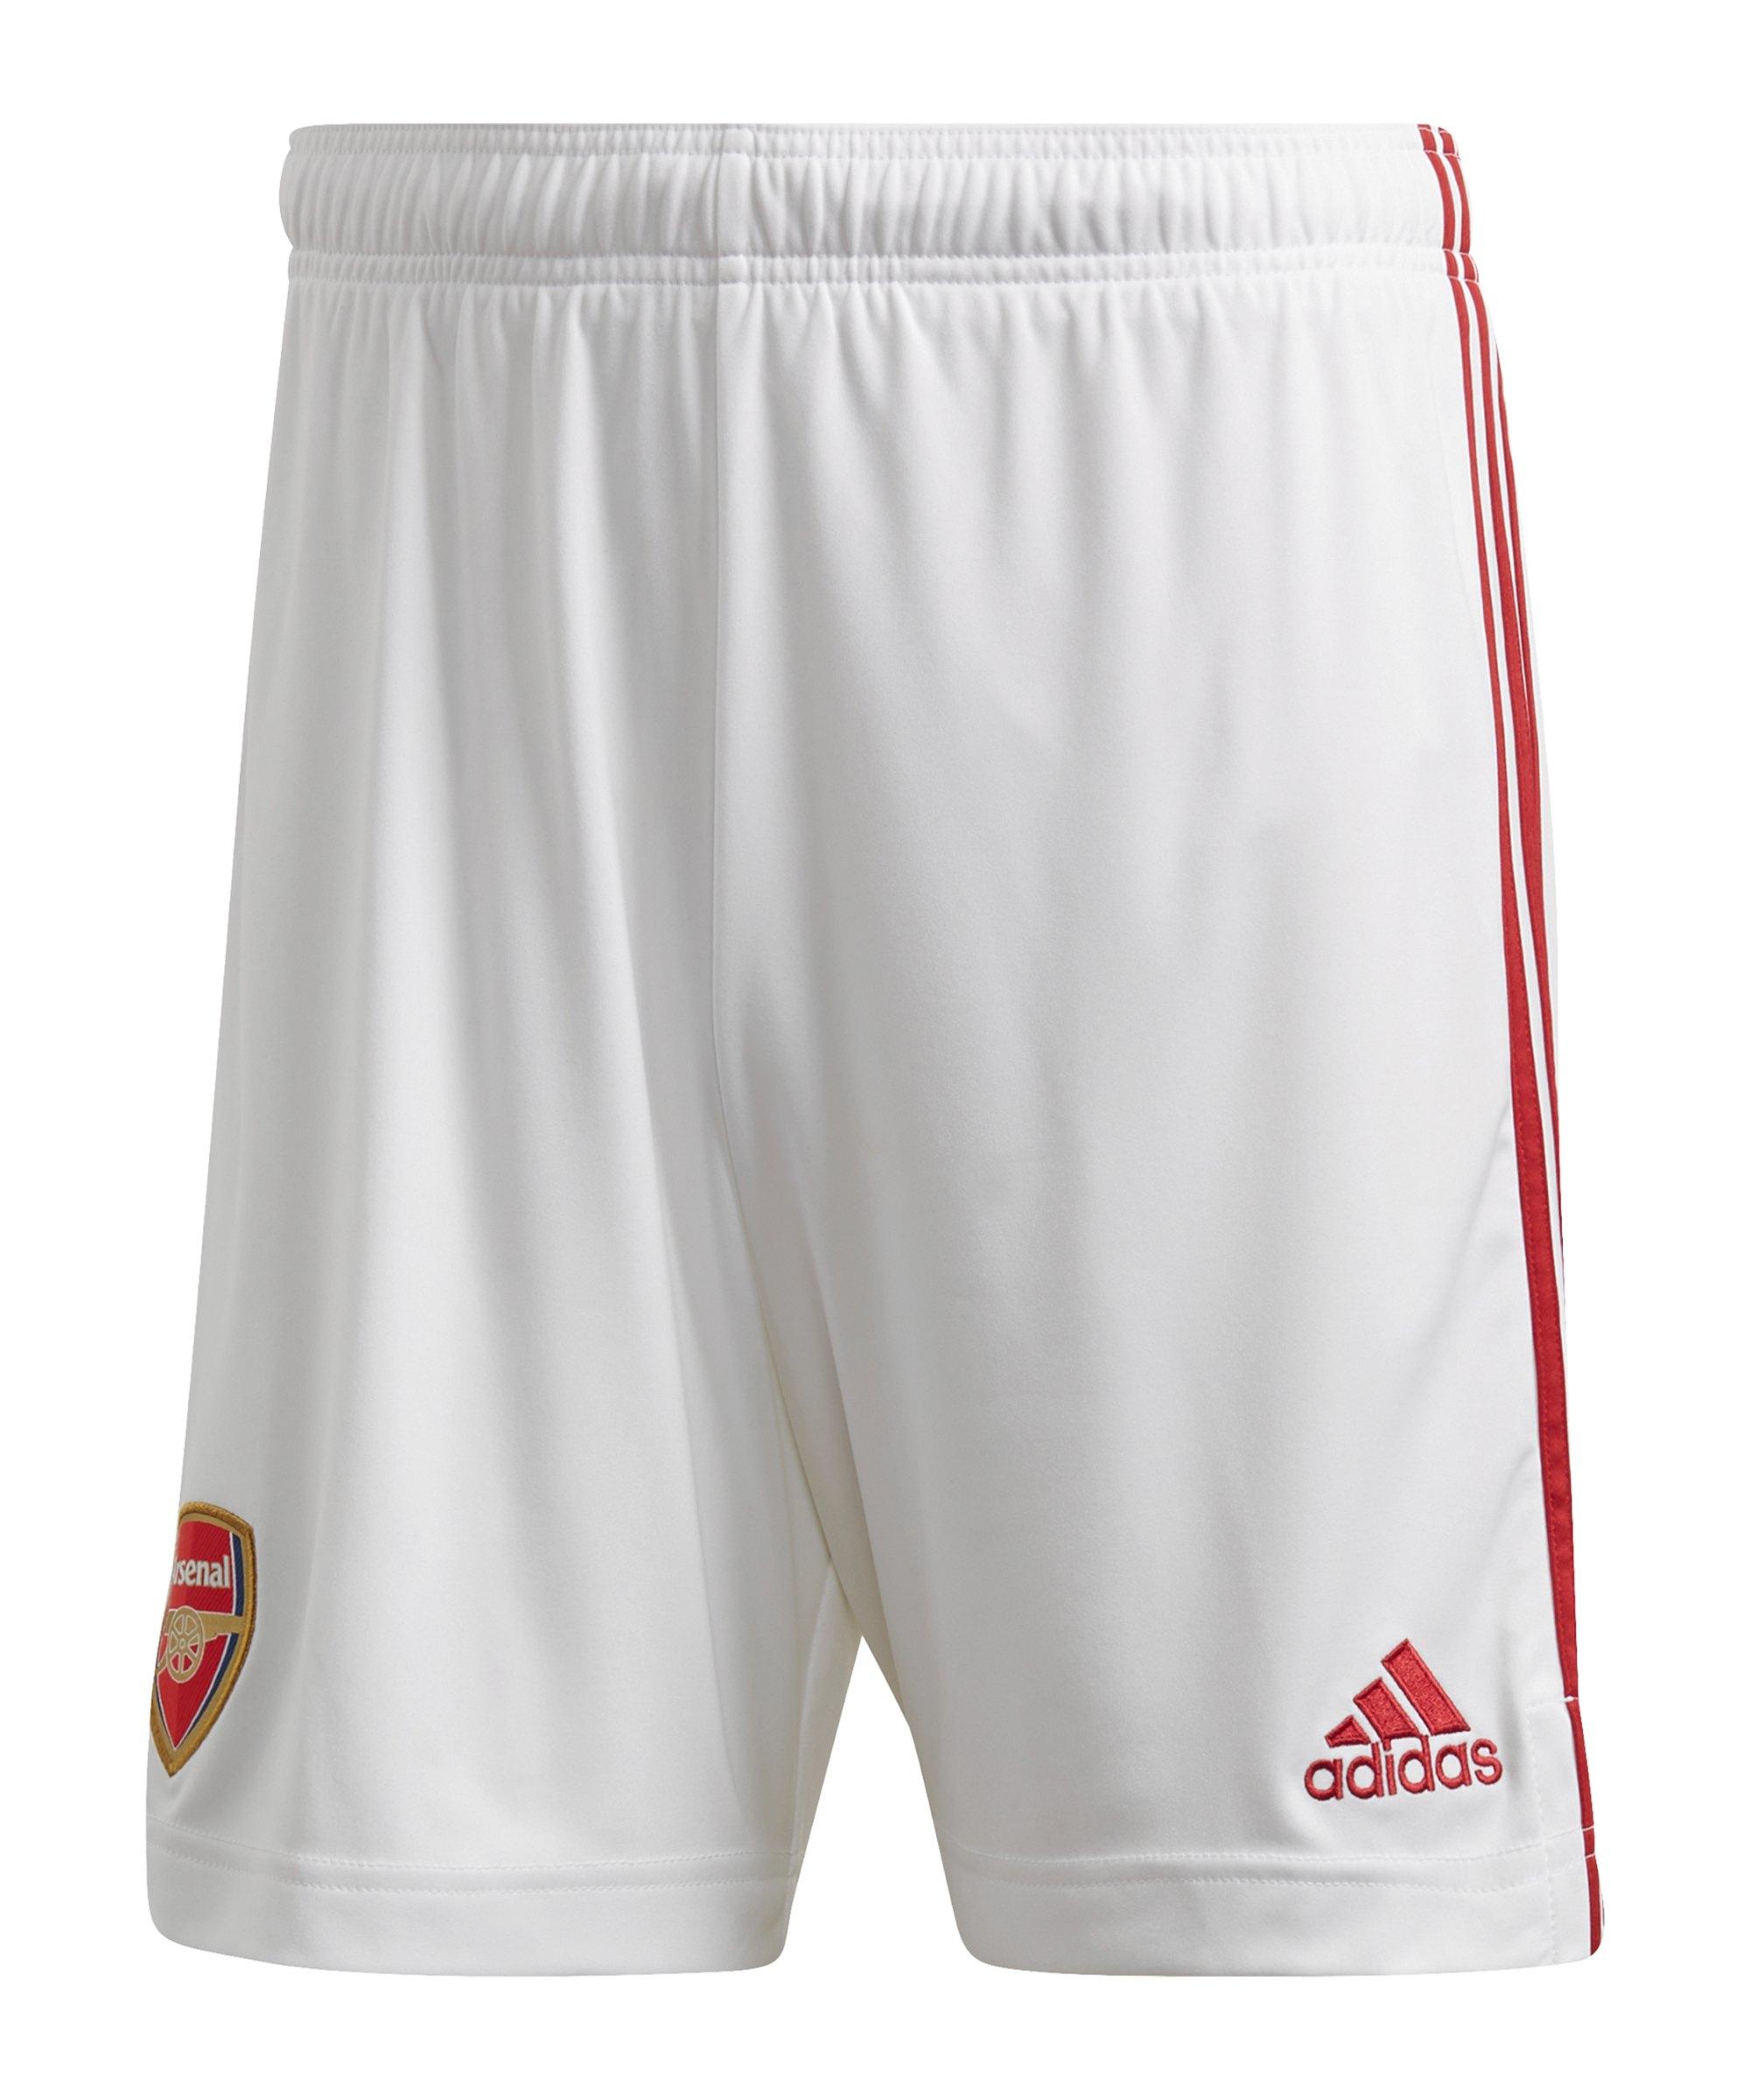 adidas FC Arsenal London Short Home 20/21 Weiss - weiss